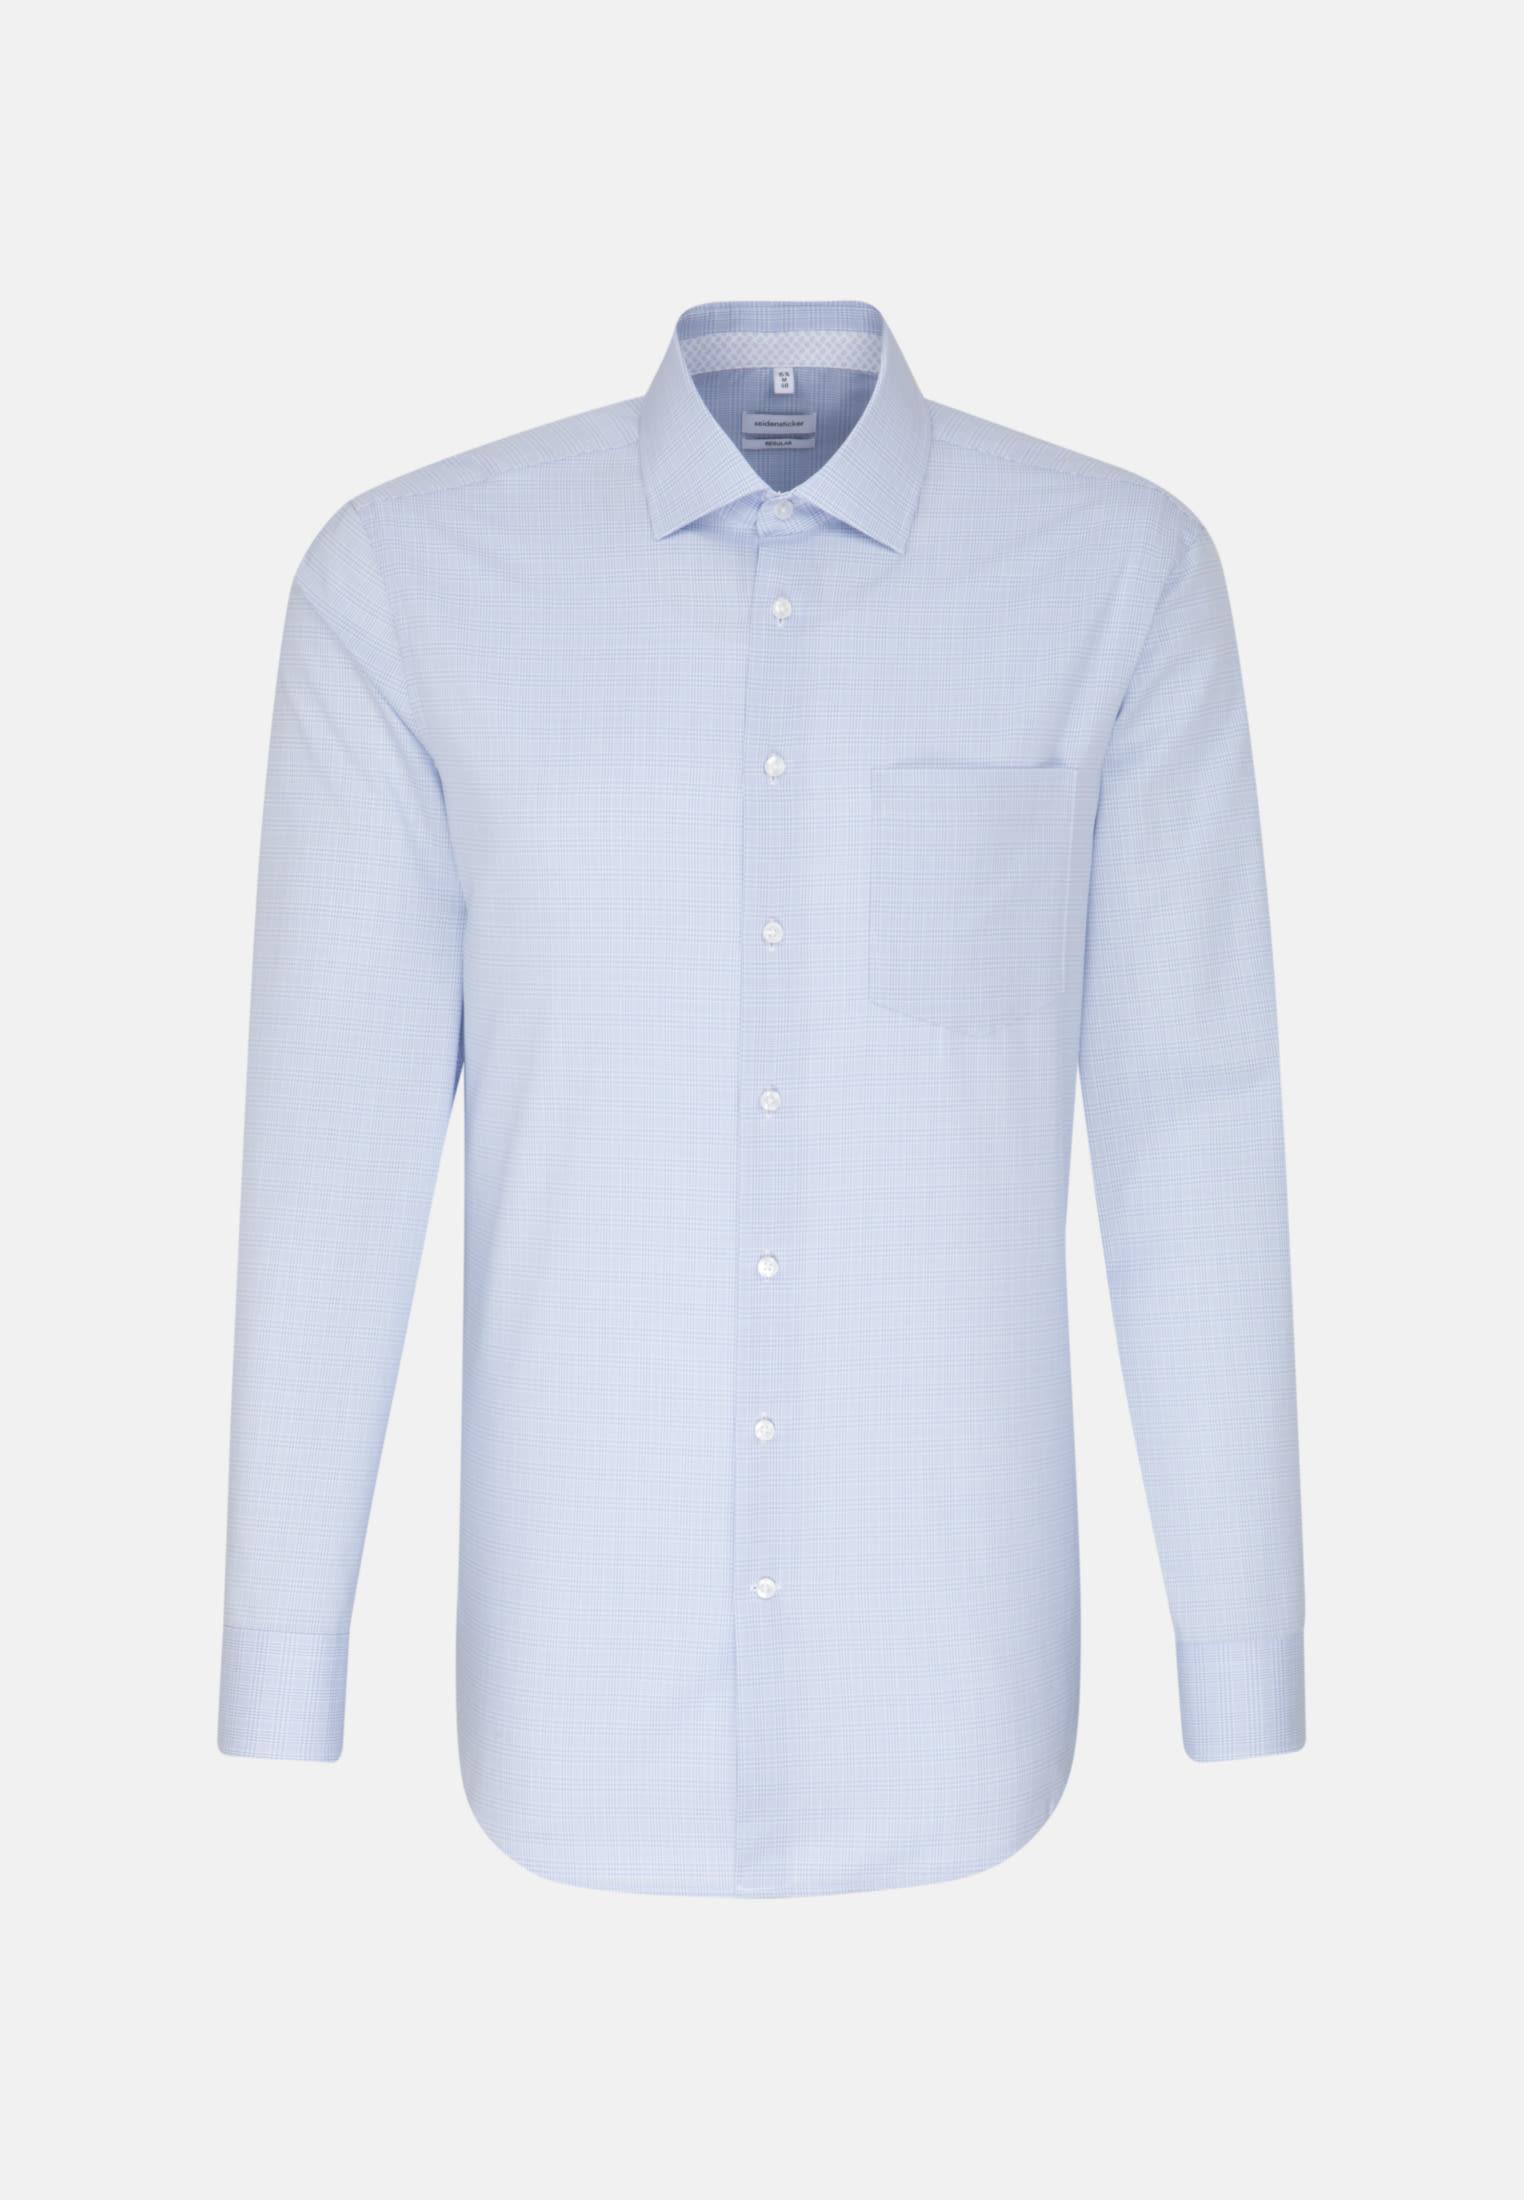 Bügelfreies Glencheck Business Hemd in Regular mit Kentkragen in Hellblau |  Seidensticker Onlineshop